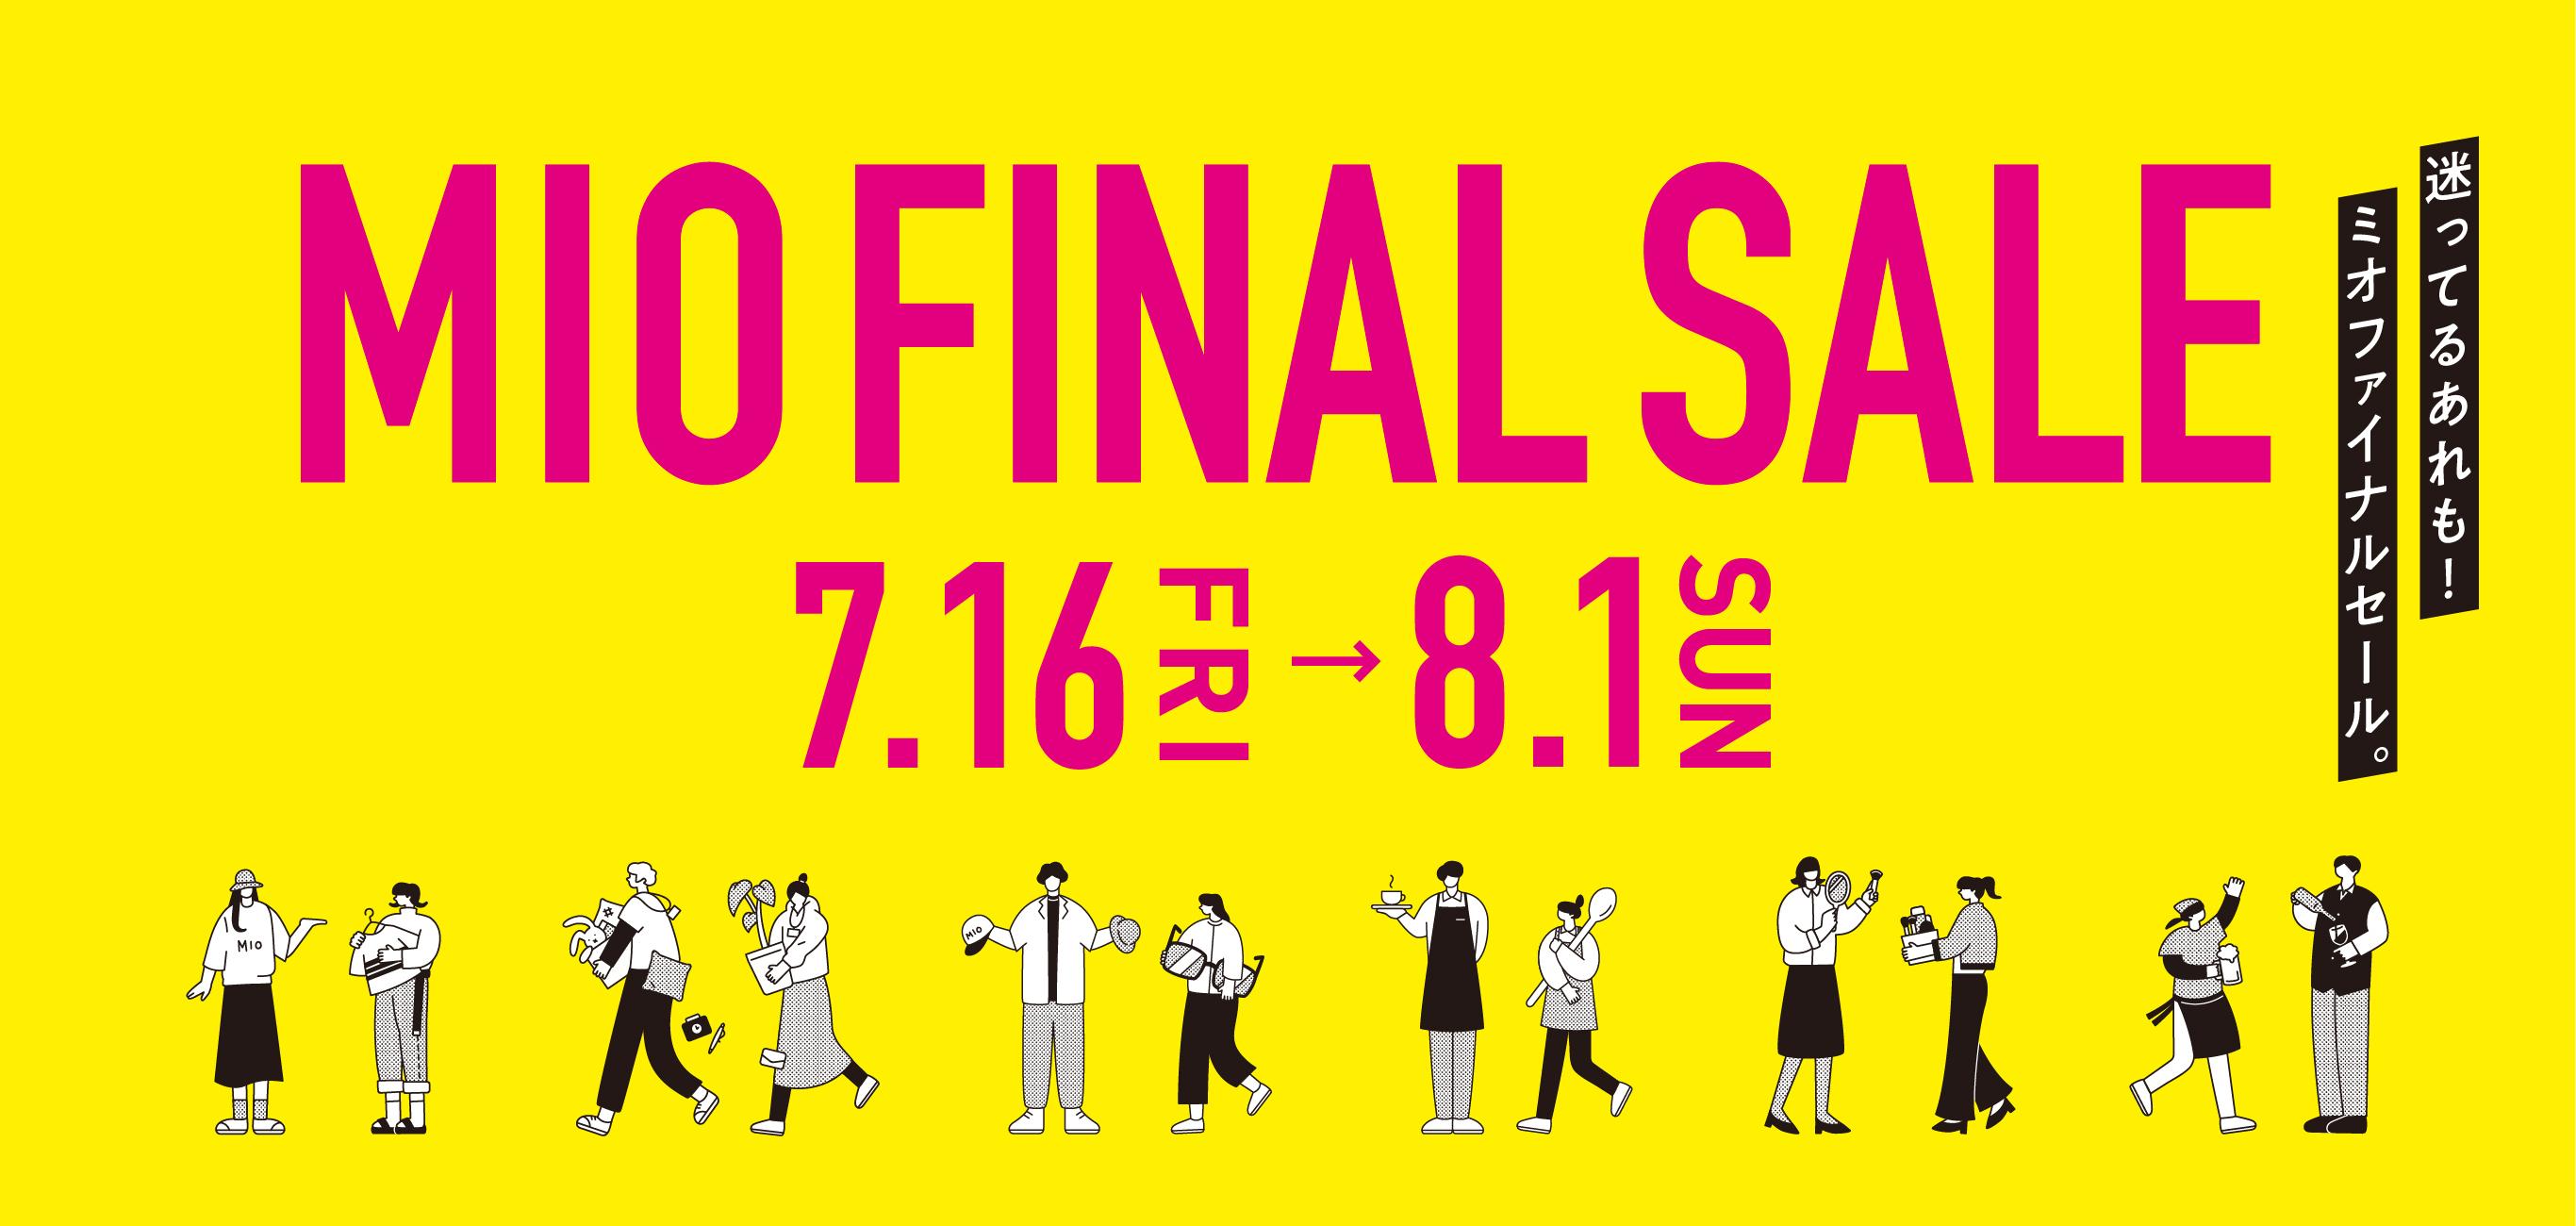 ミオファイナルセール 7月16日(金)ー8月1日(日)迷ってるあれも!ミオファイナルセール。